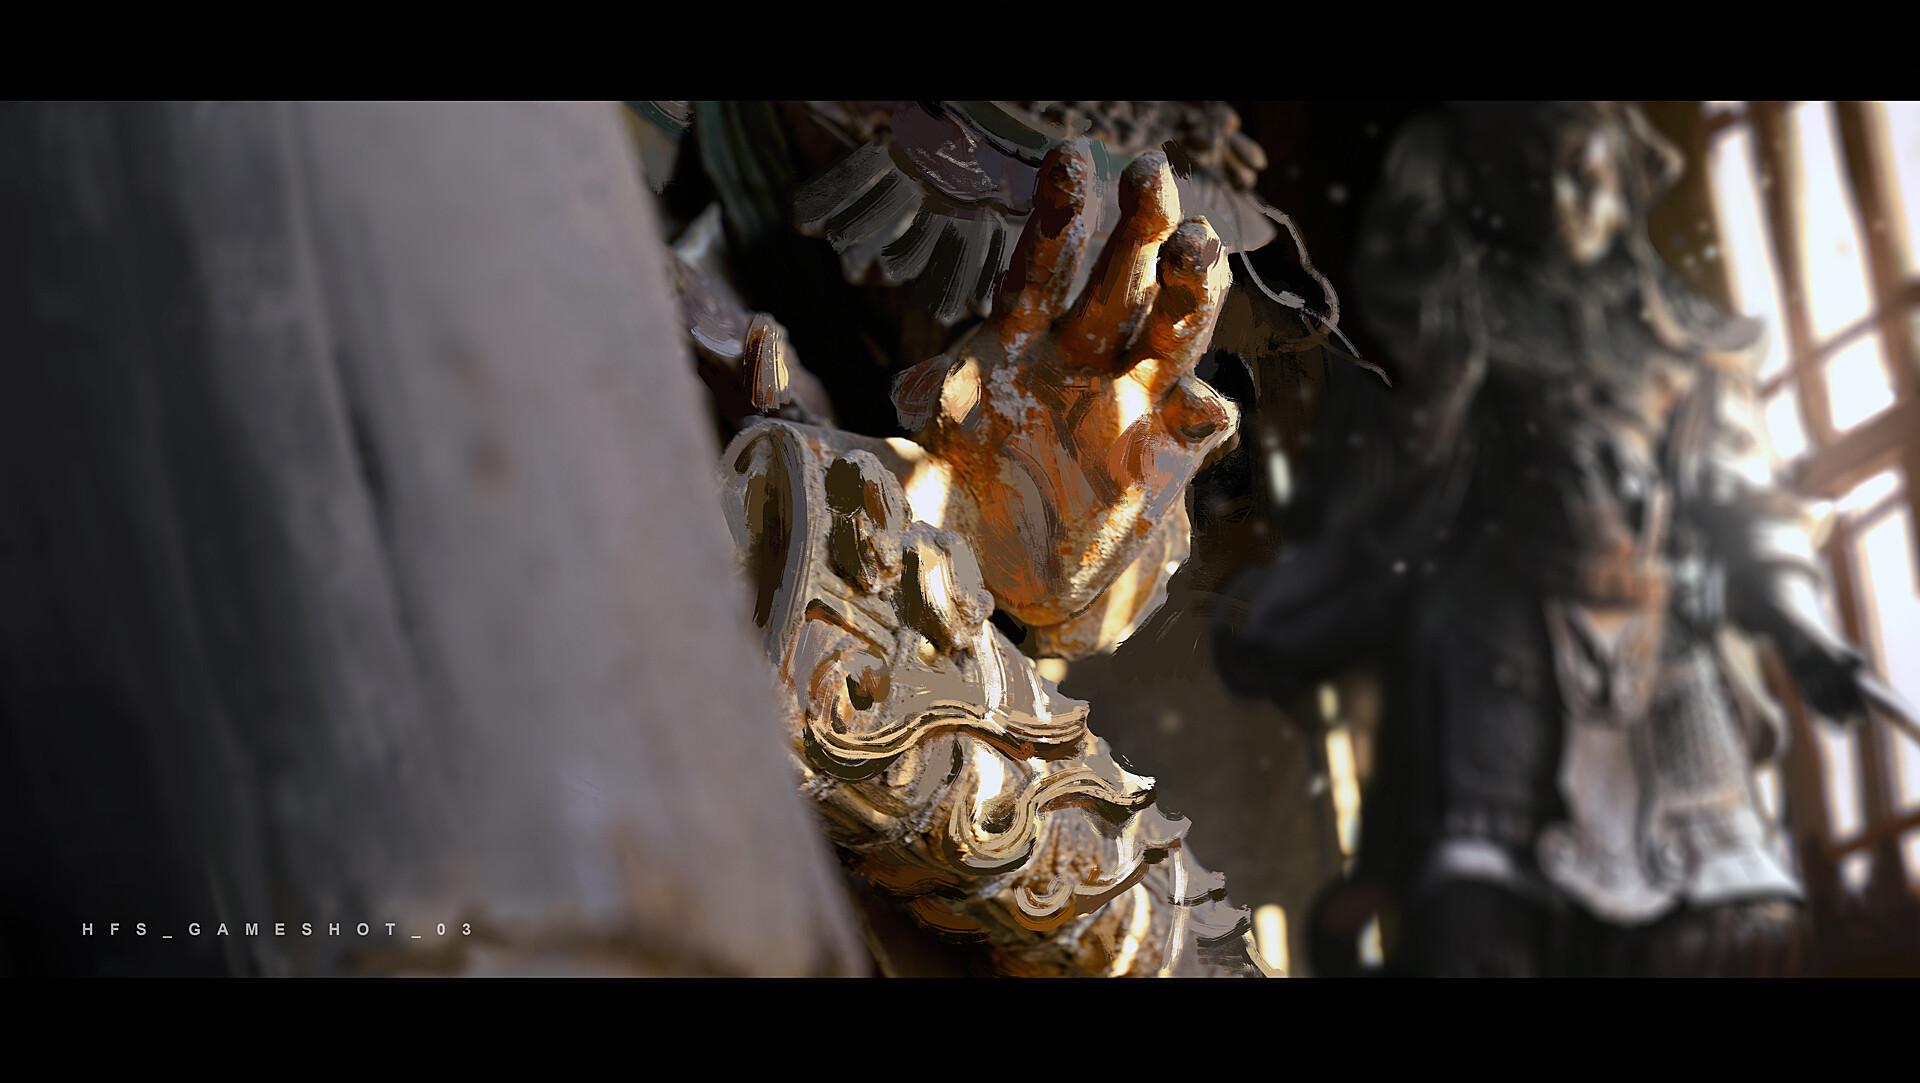 《黑神话:悟空》游戏早期概念图 猴子和白龙亮相